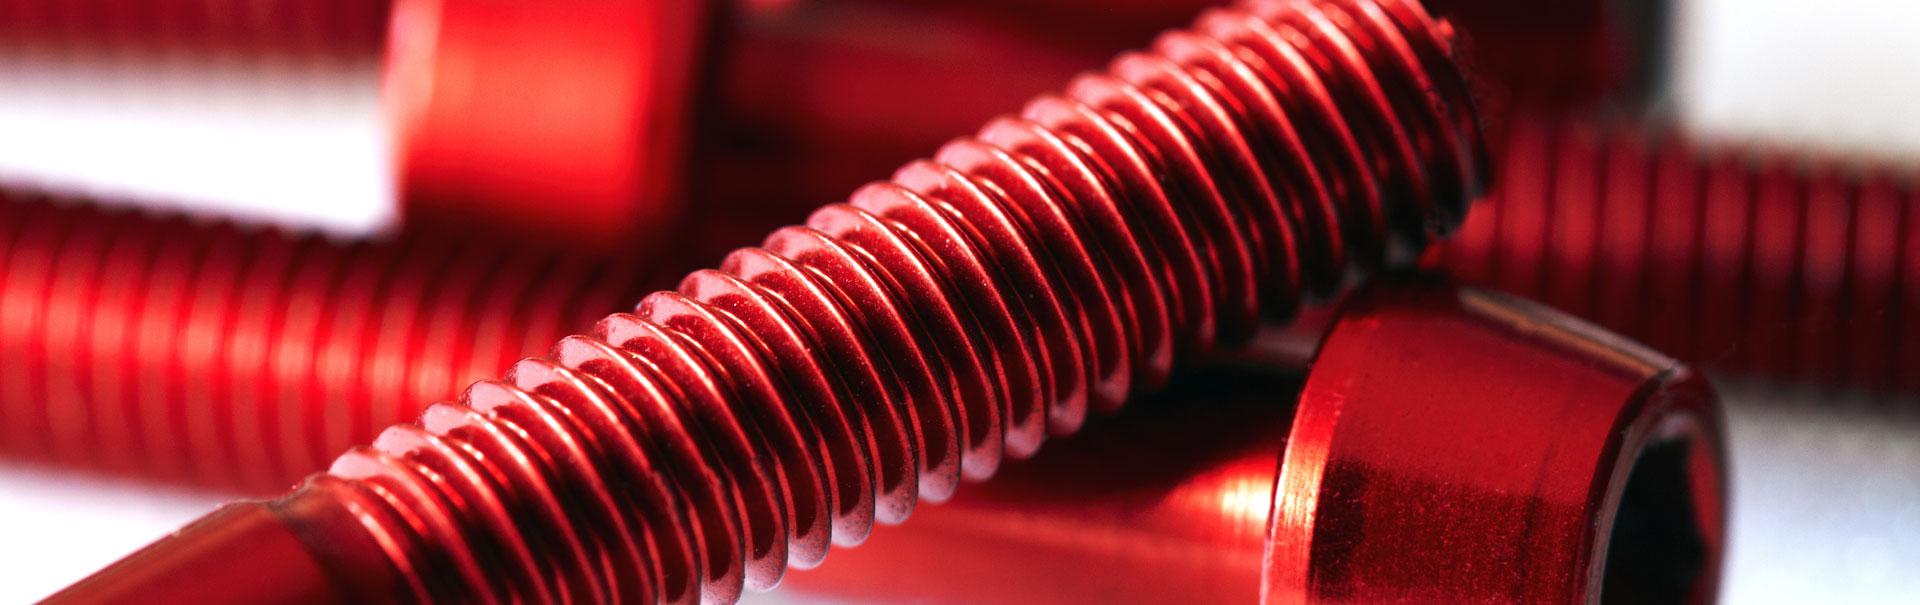 Hervorragend Eloxieren von Metalloberflächen - OTS Oberflächentechnik HI56